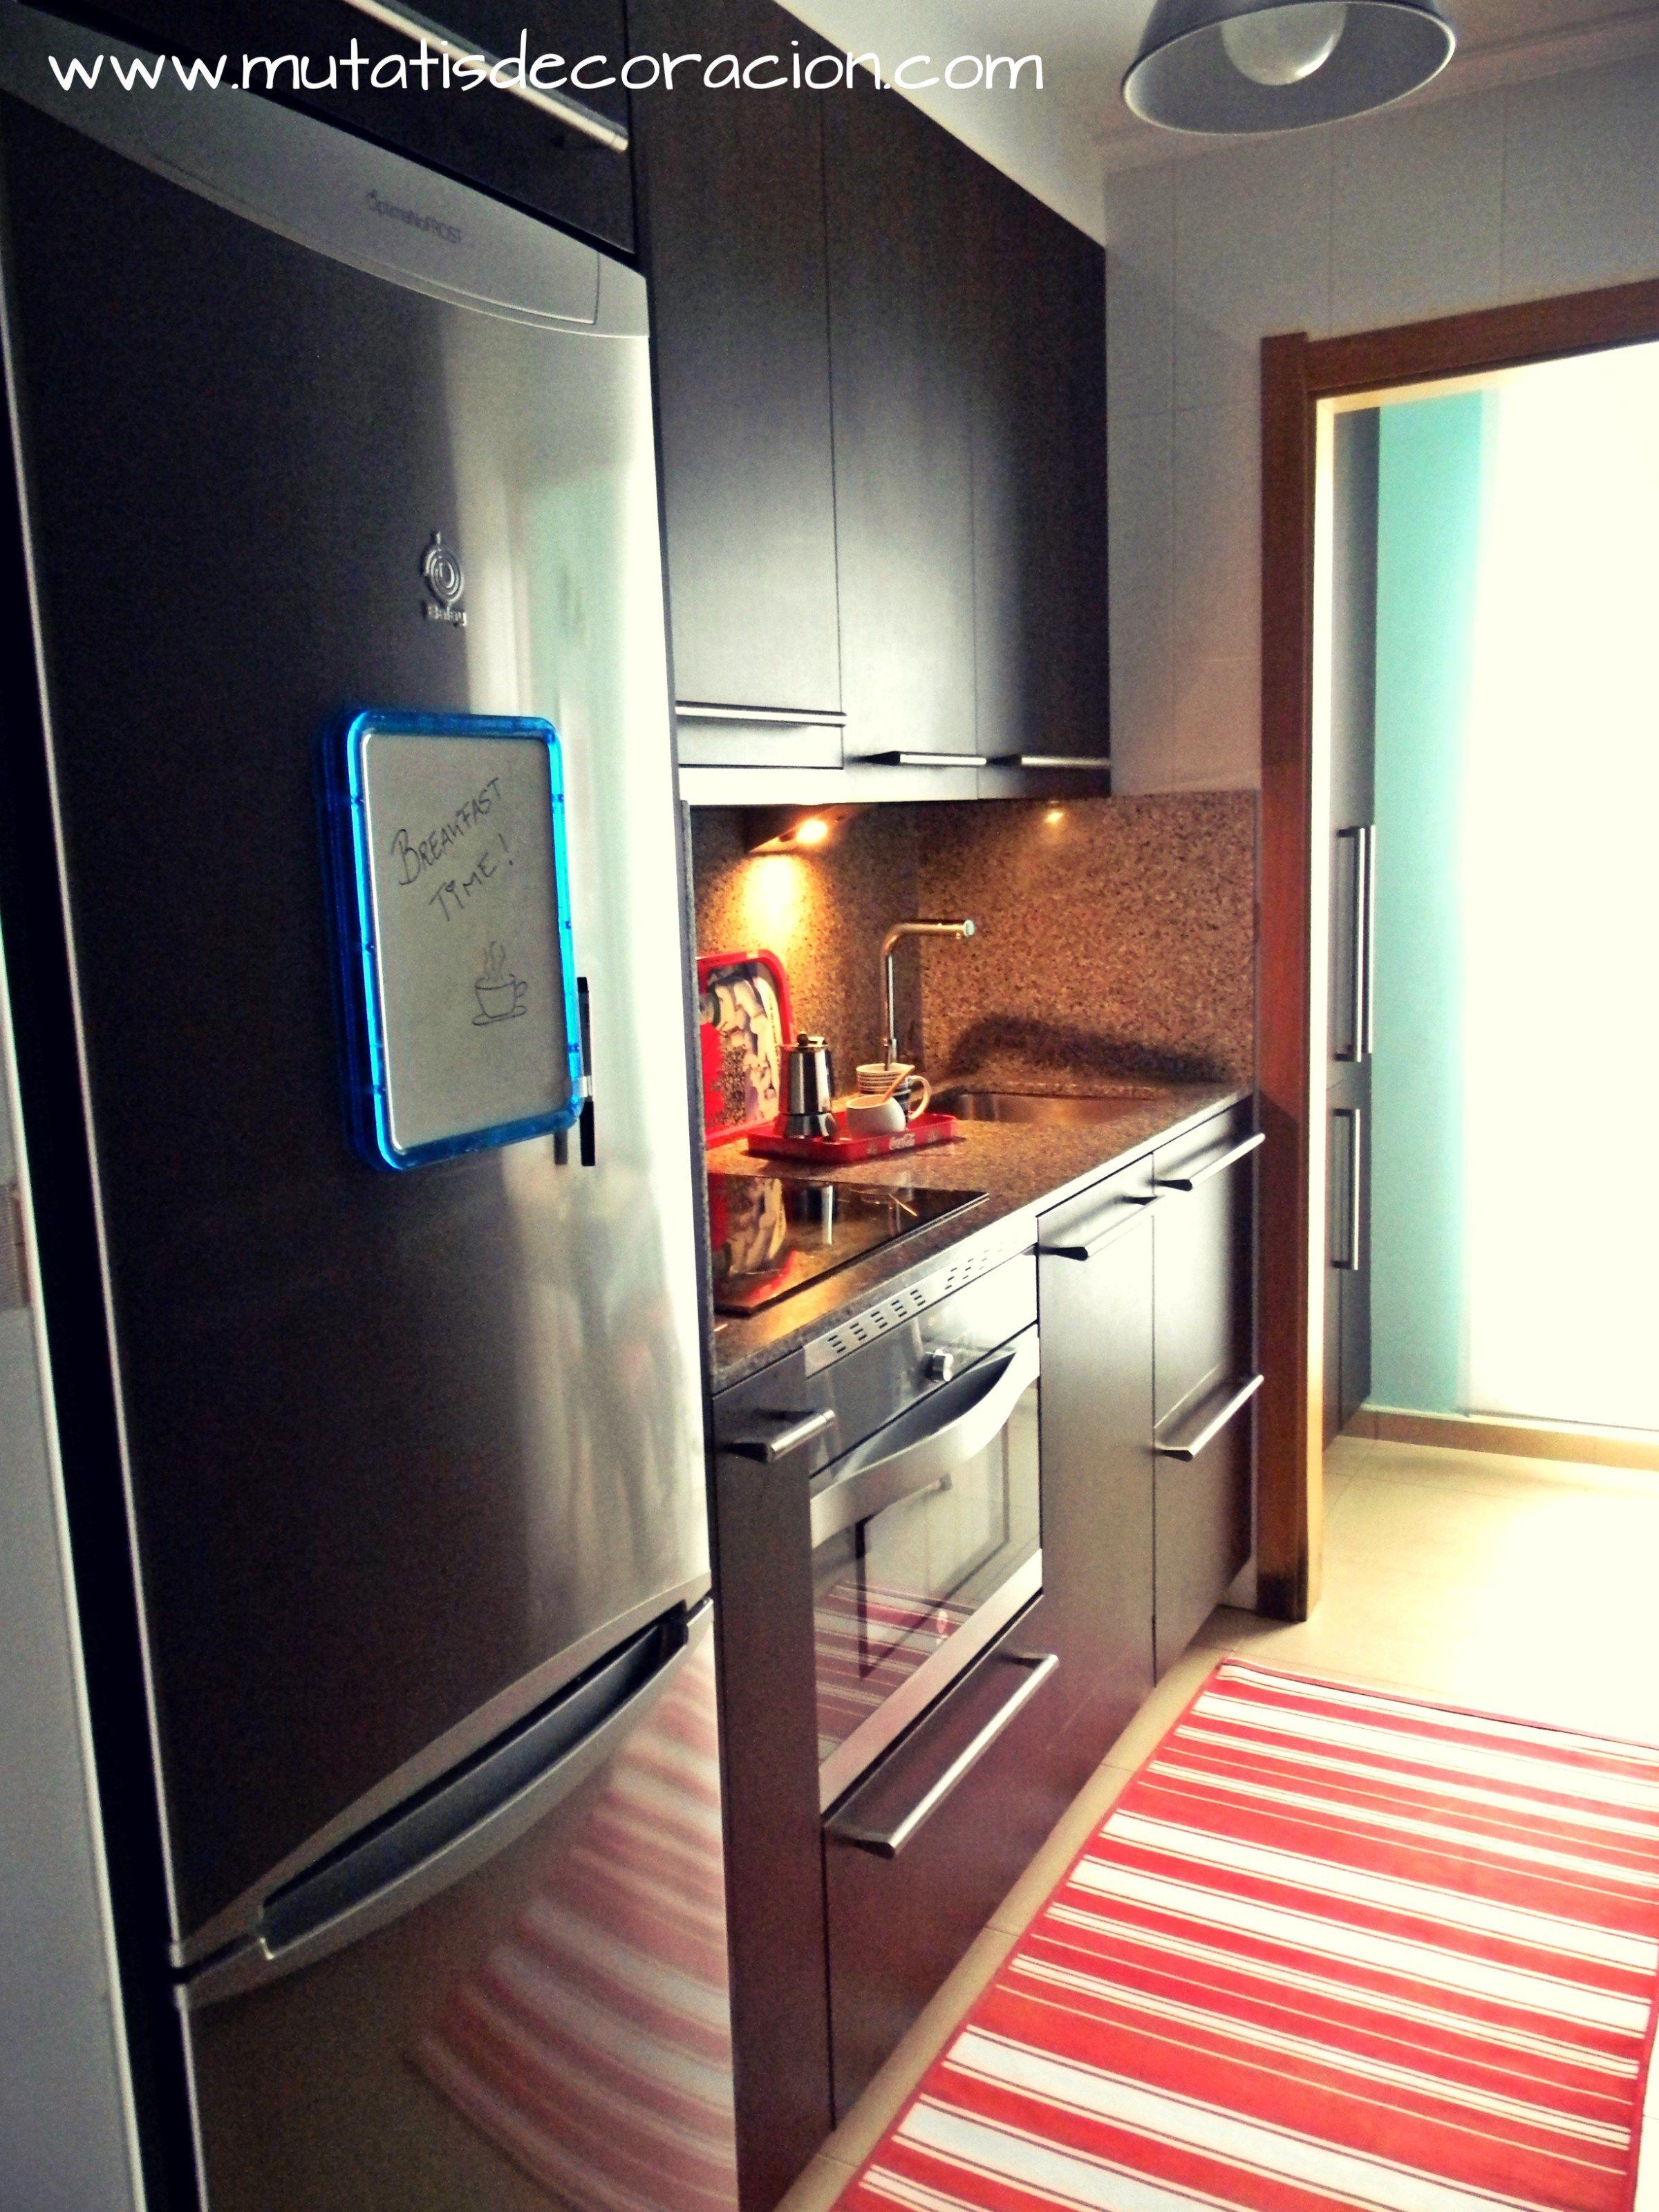 Cómo decorar una cocina pequeña. Ejemplo práctico.  Mini cocina